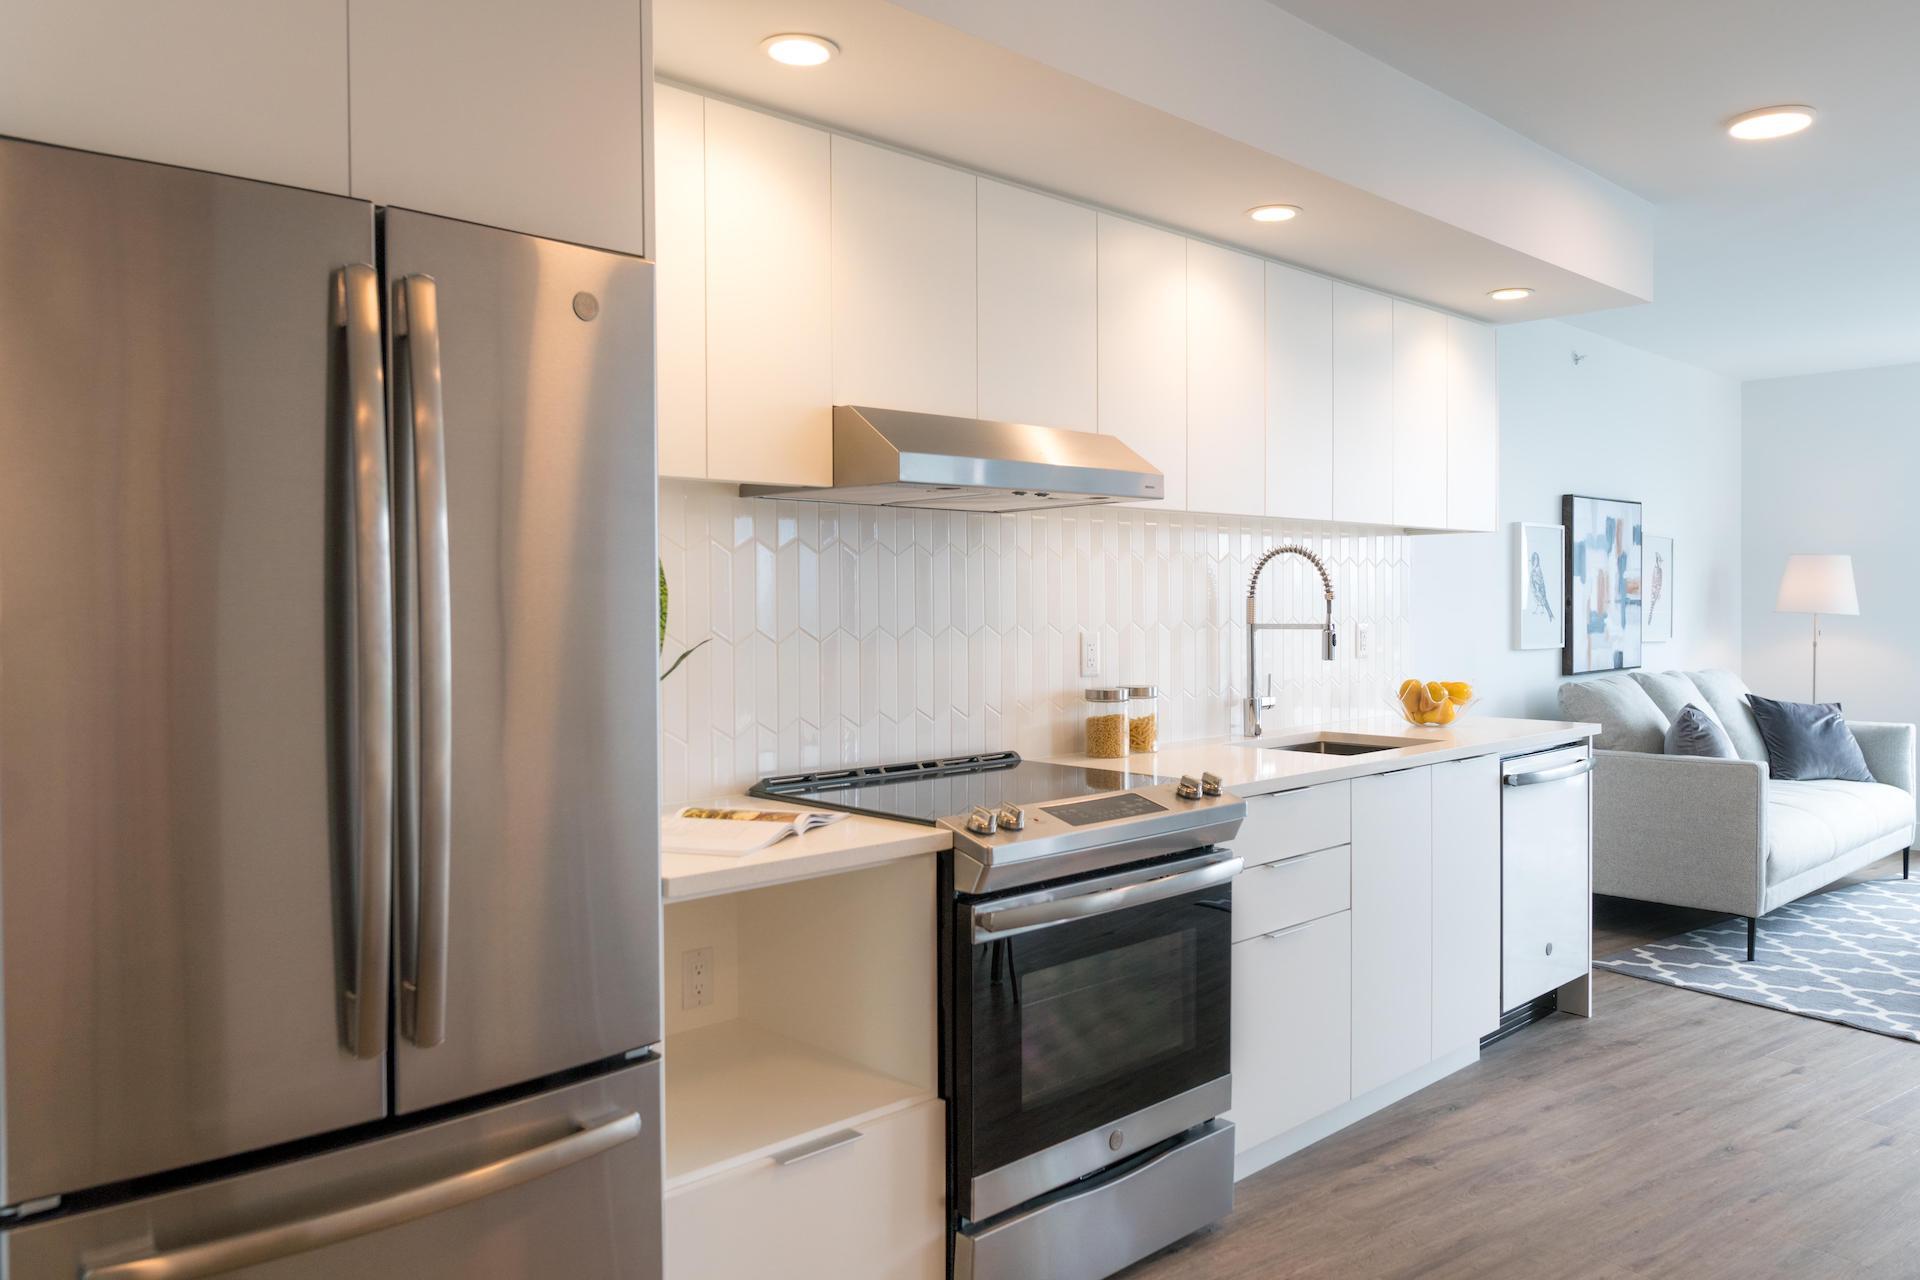 M3 kitchen 1.min